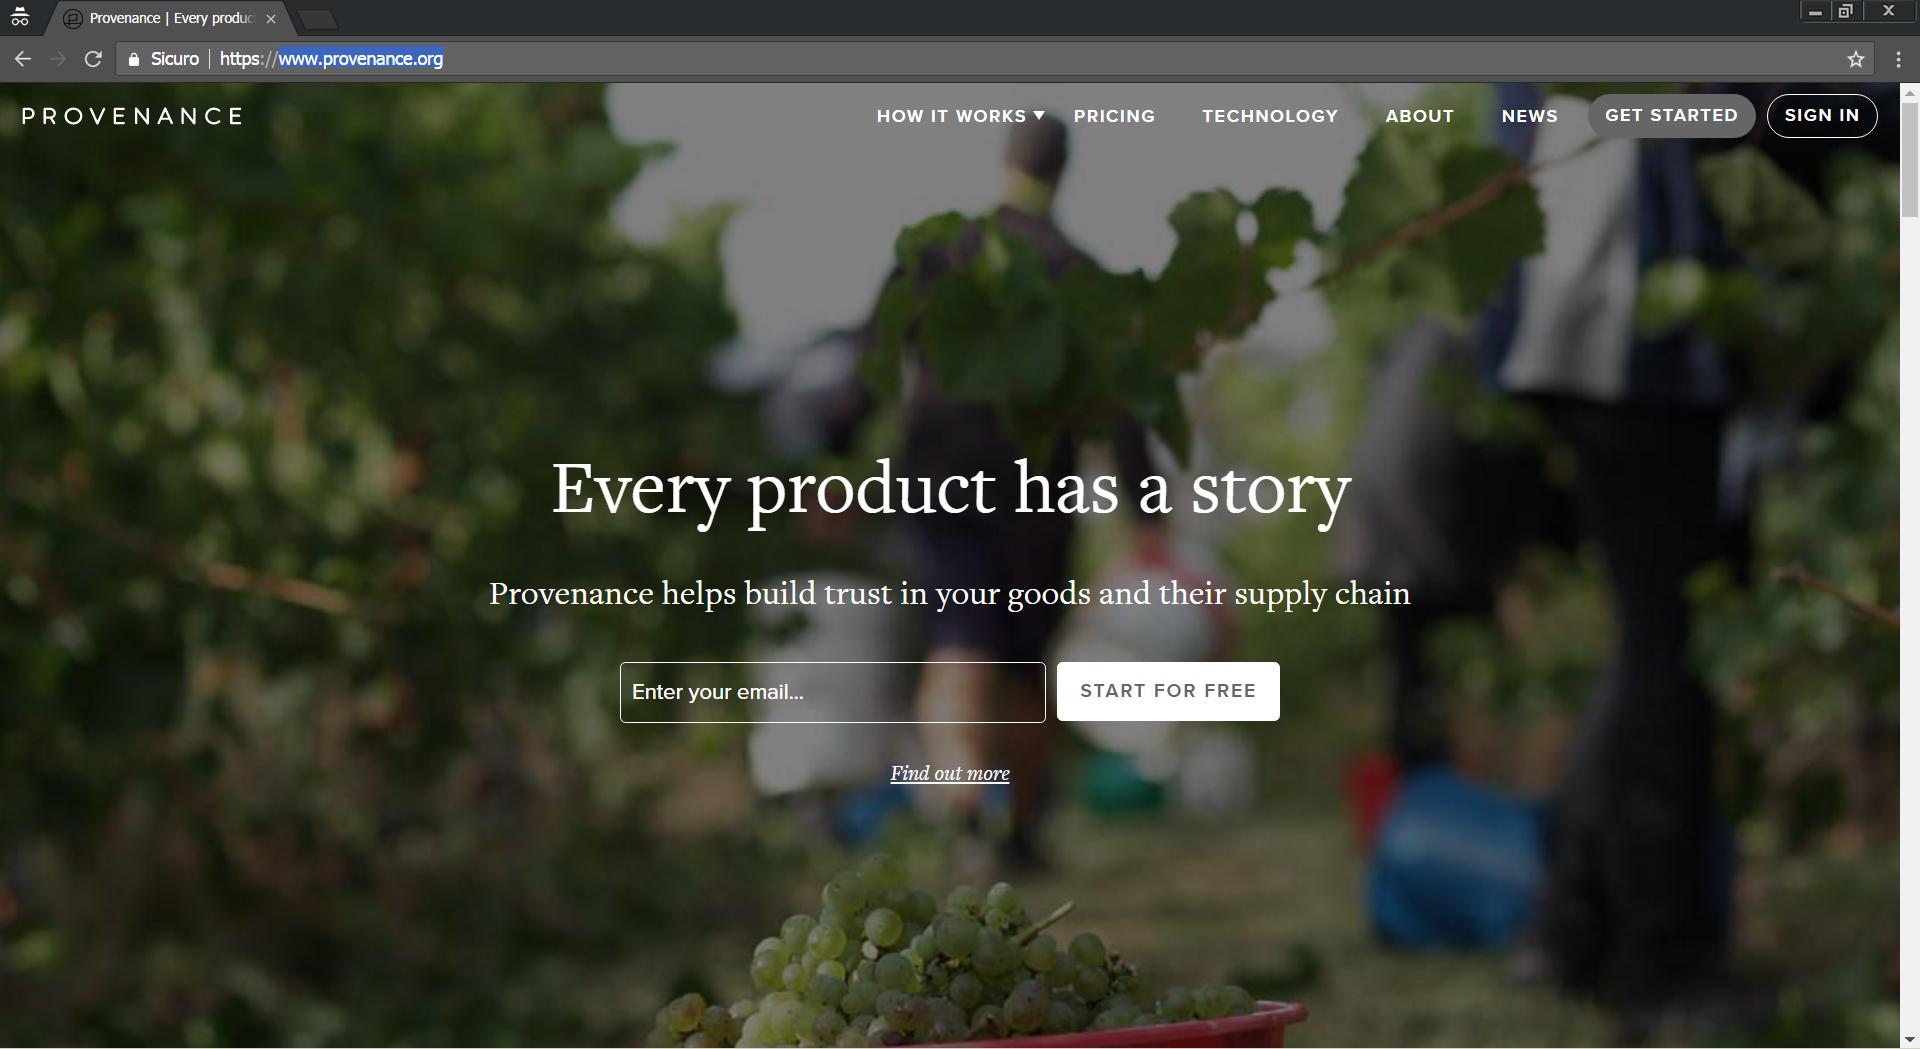 Home page della piattaforma web Provenance.com